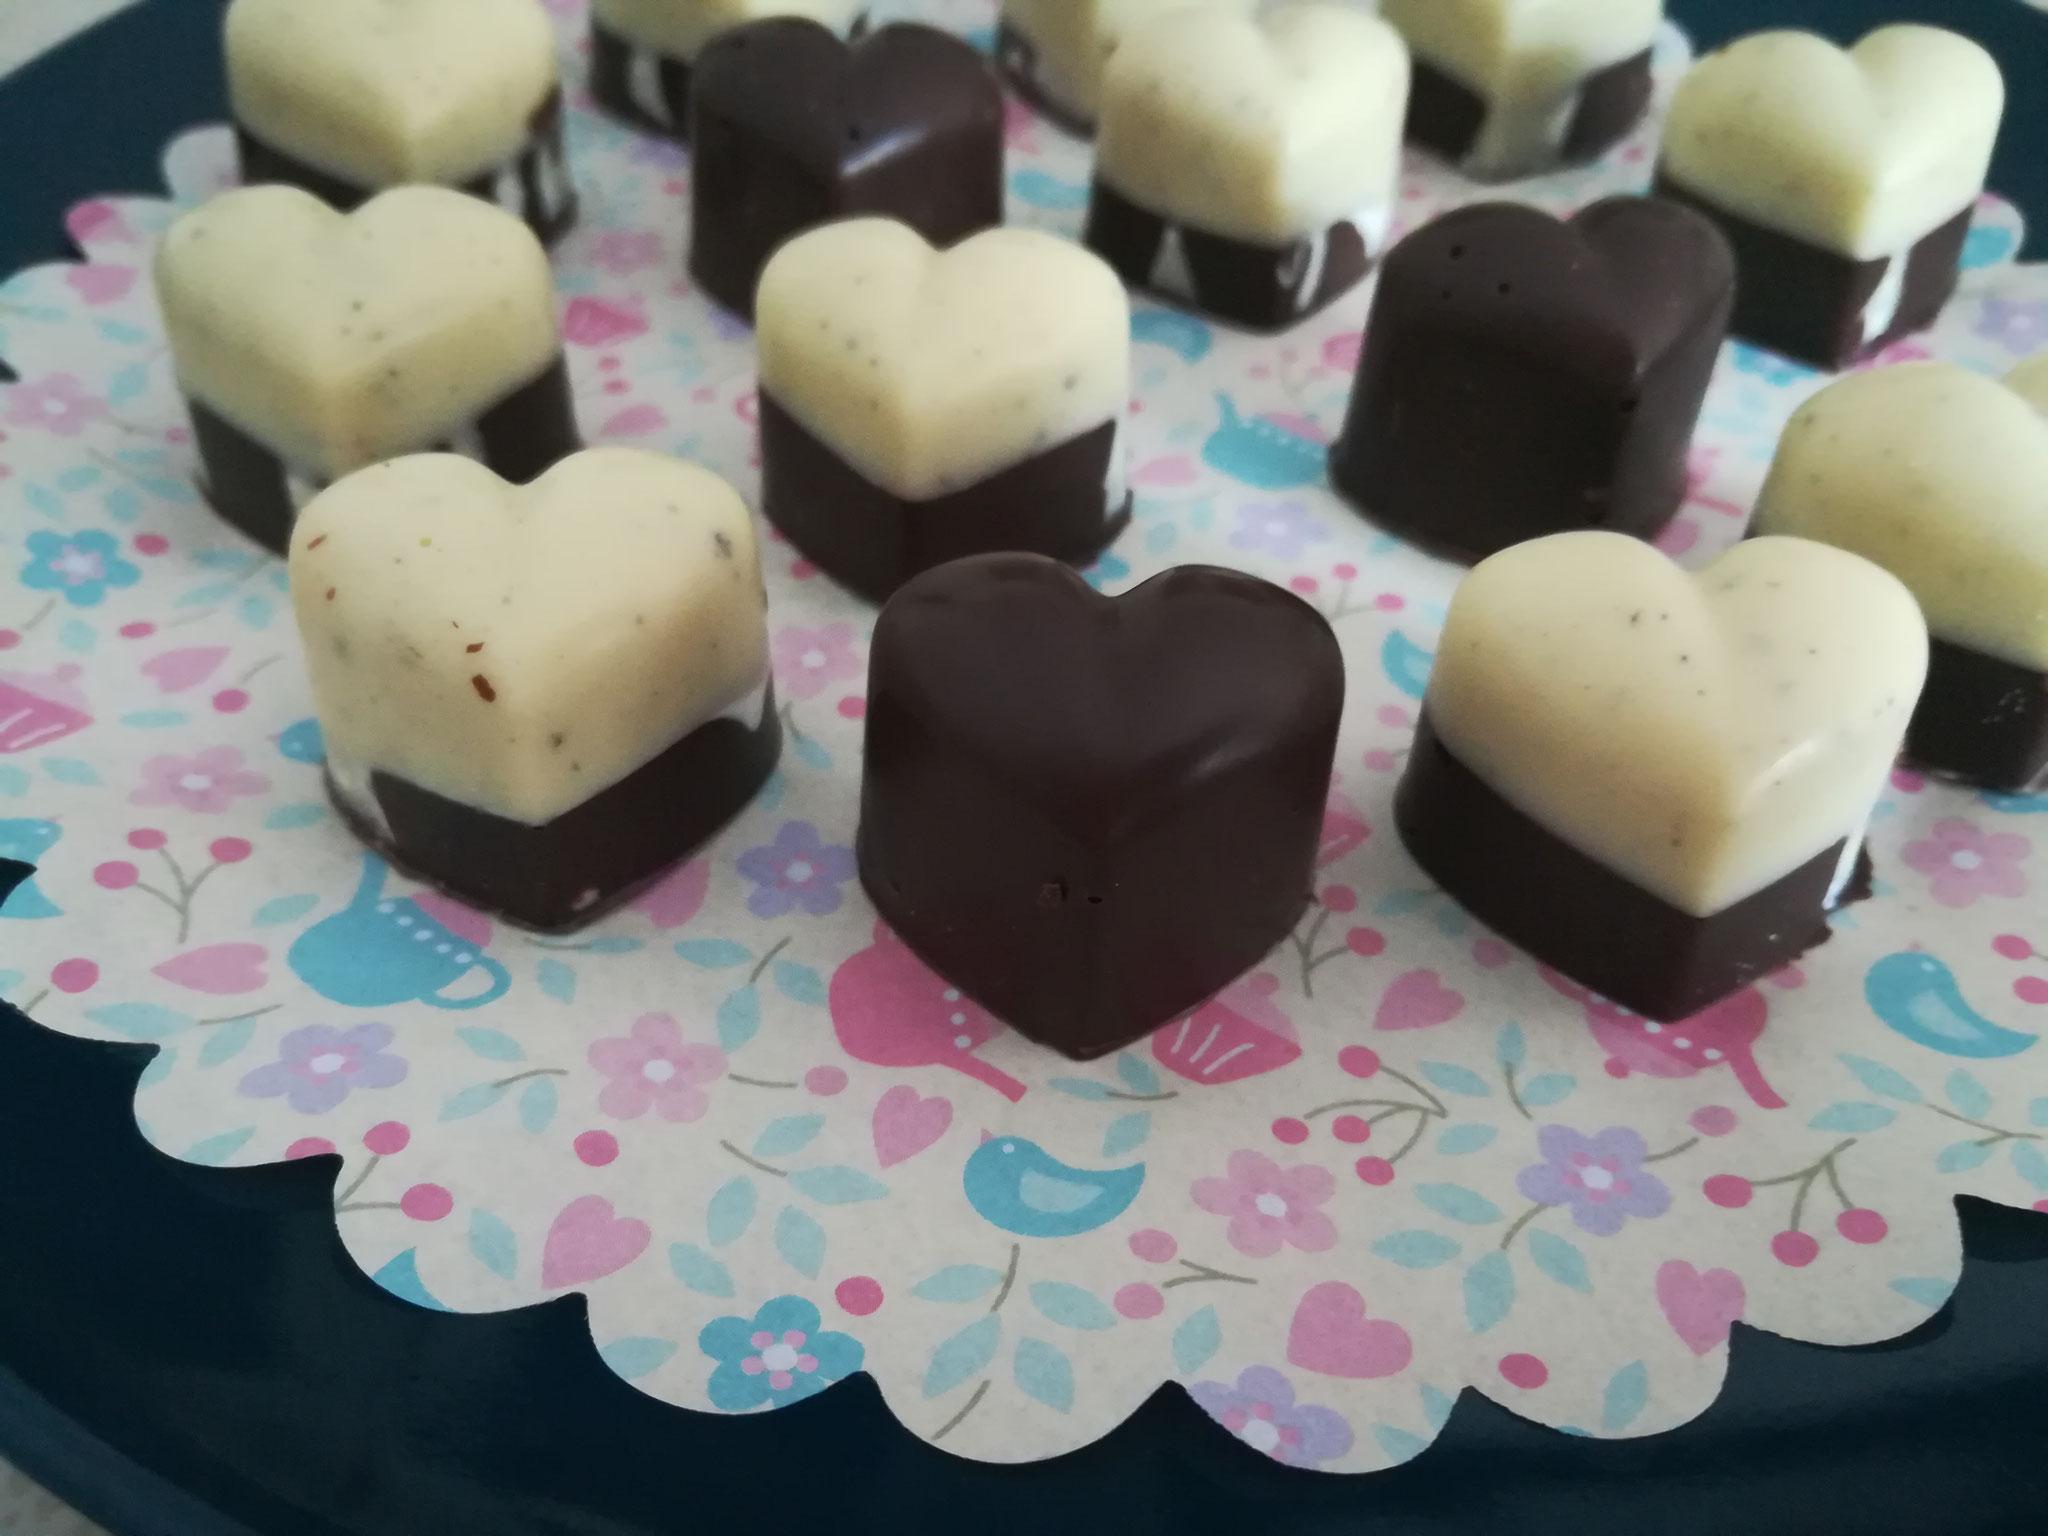 Cioccolatini dolce metà